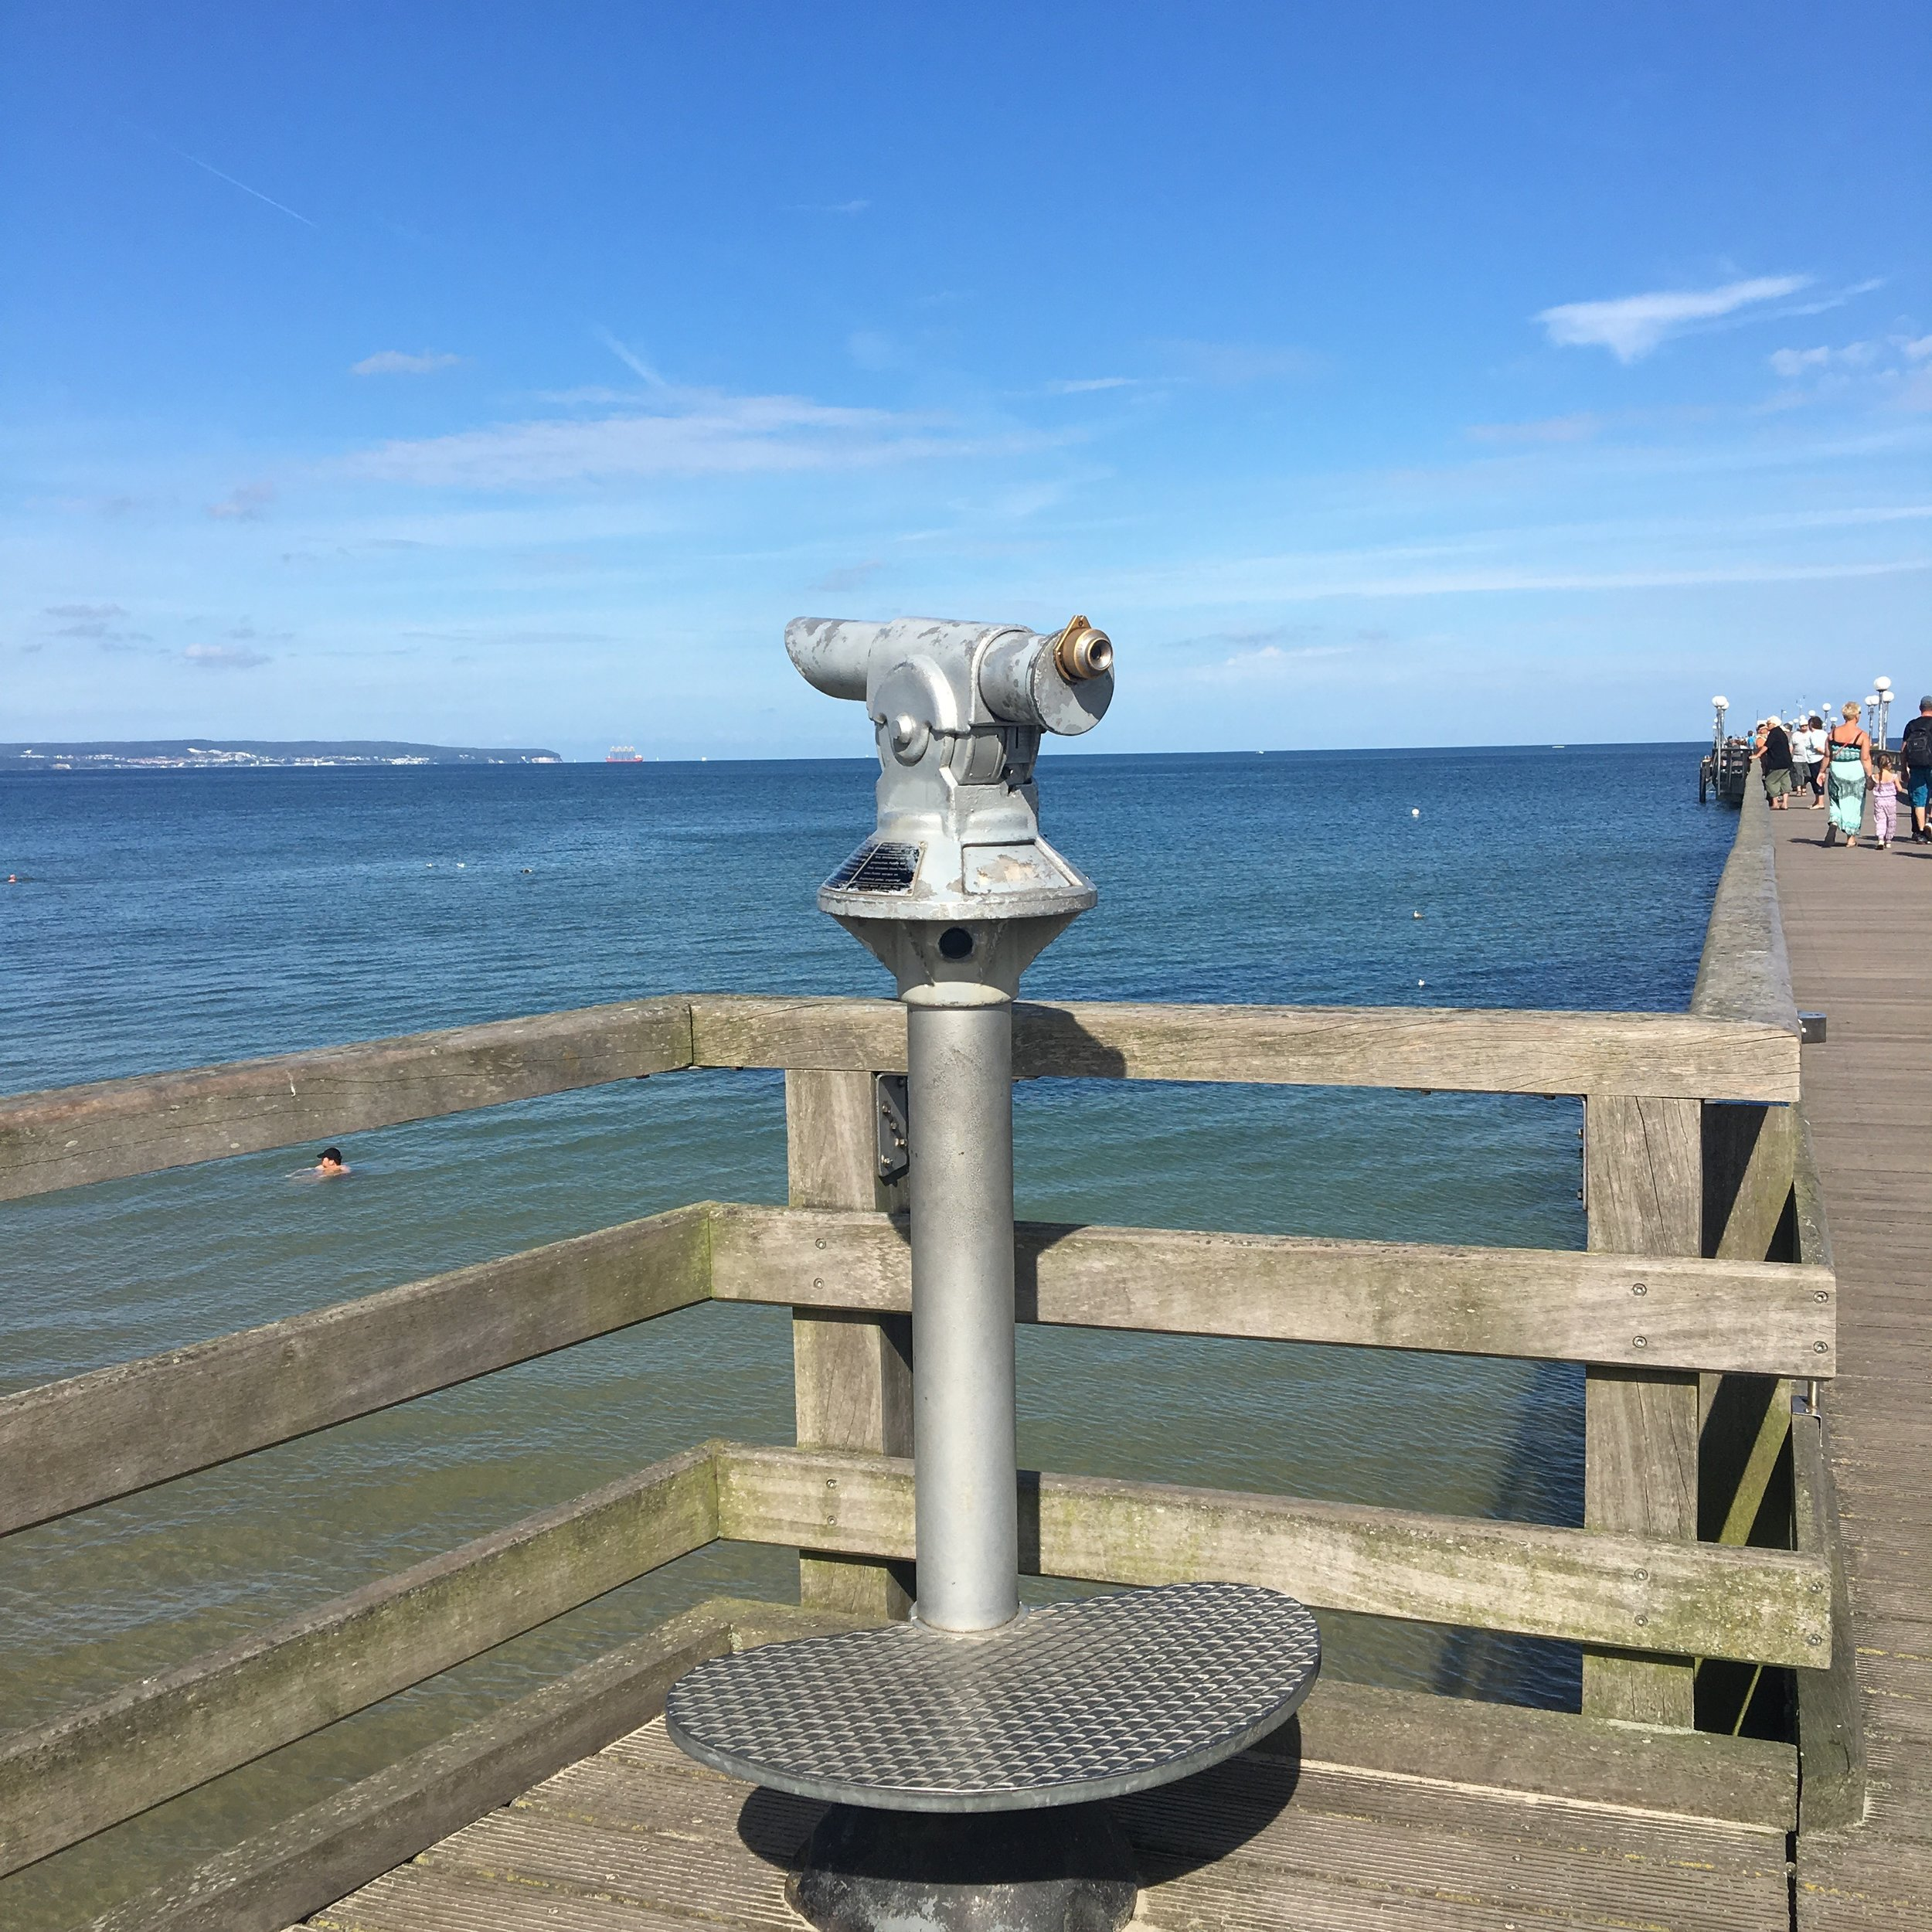 The pier lookout Binz